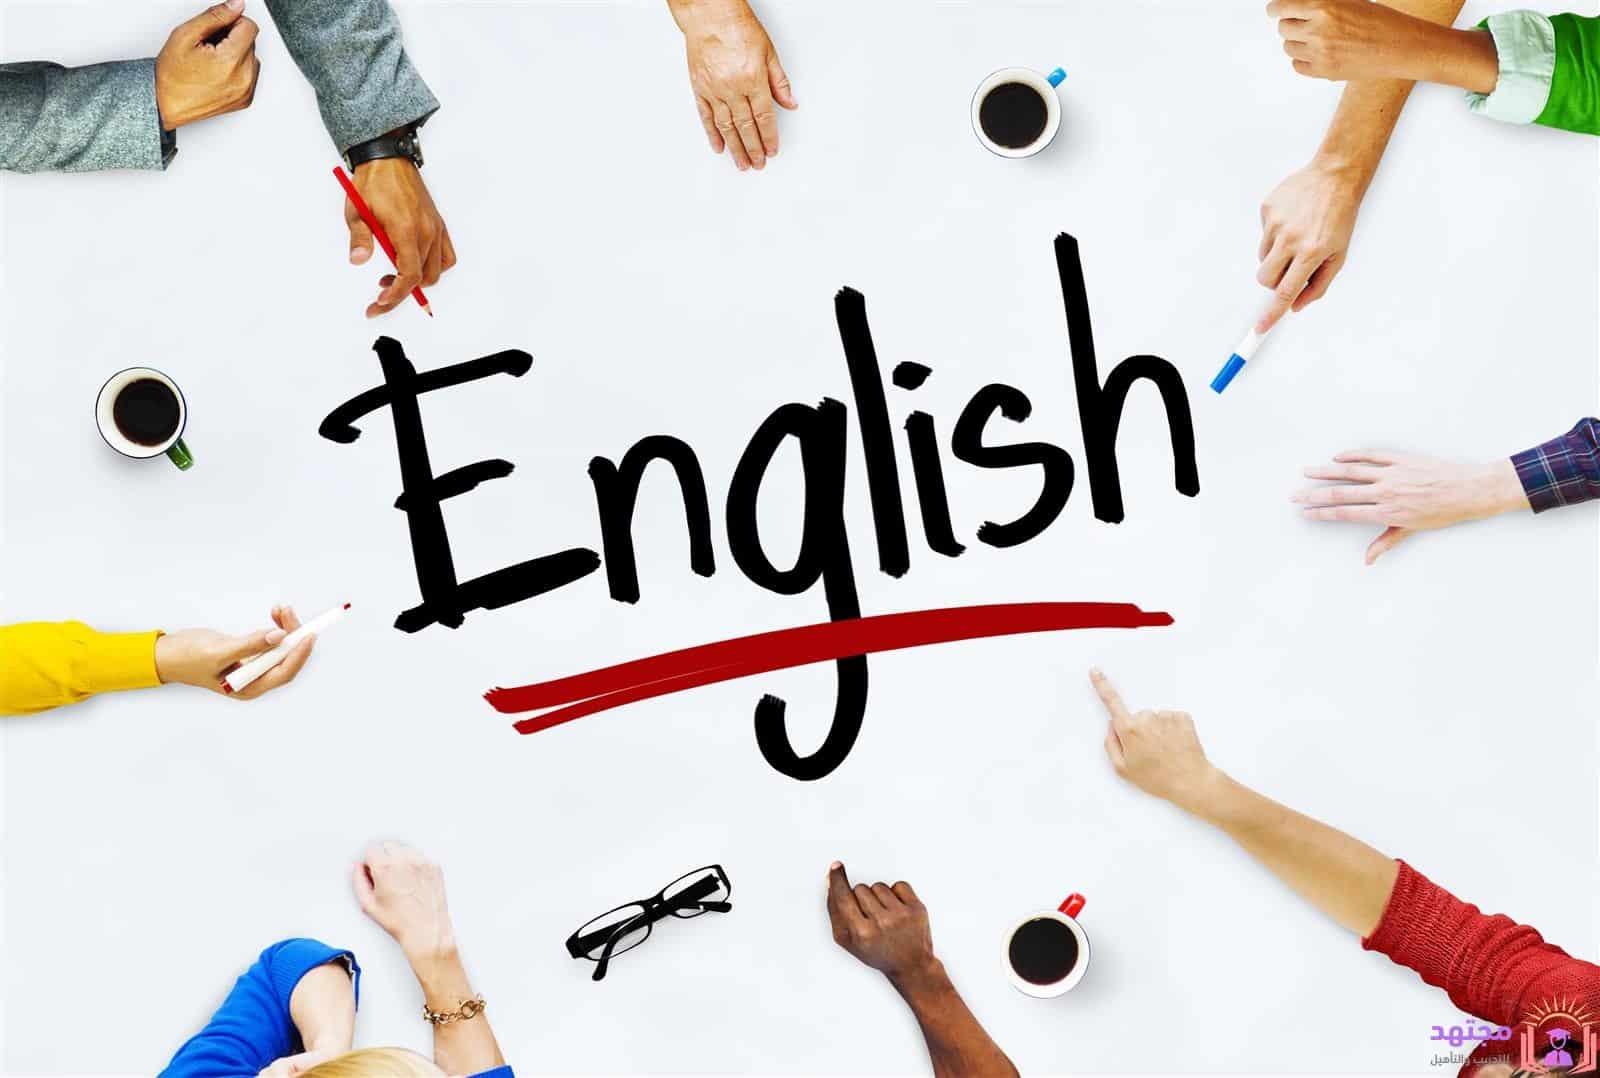 كيف اتعلم الانجليزي تعلم الانجليزية حتى الاحتراف تعليم اللغة الانجليزية مجانا تعليم اللغة الانجليزية للمبتدئين من الصفر تعليم انجليزي تعلم لغة انجليزية